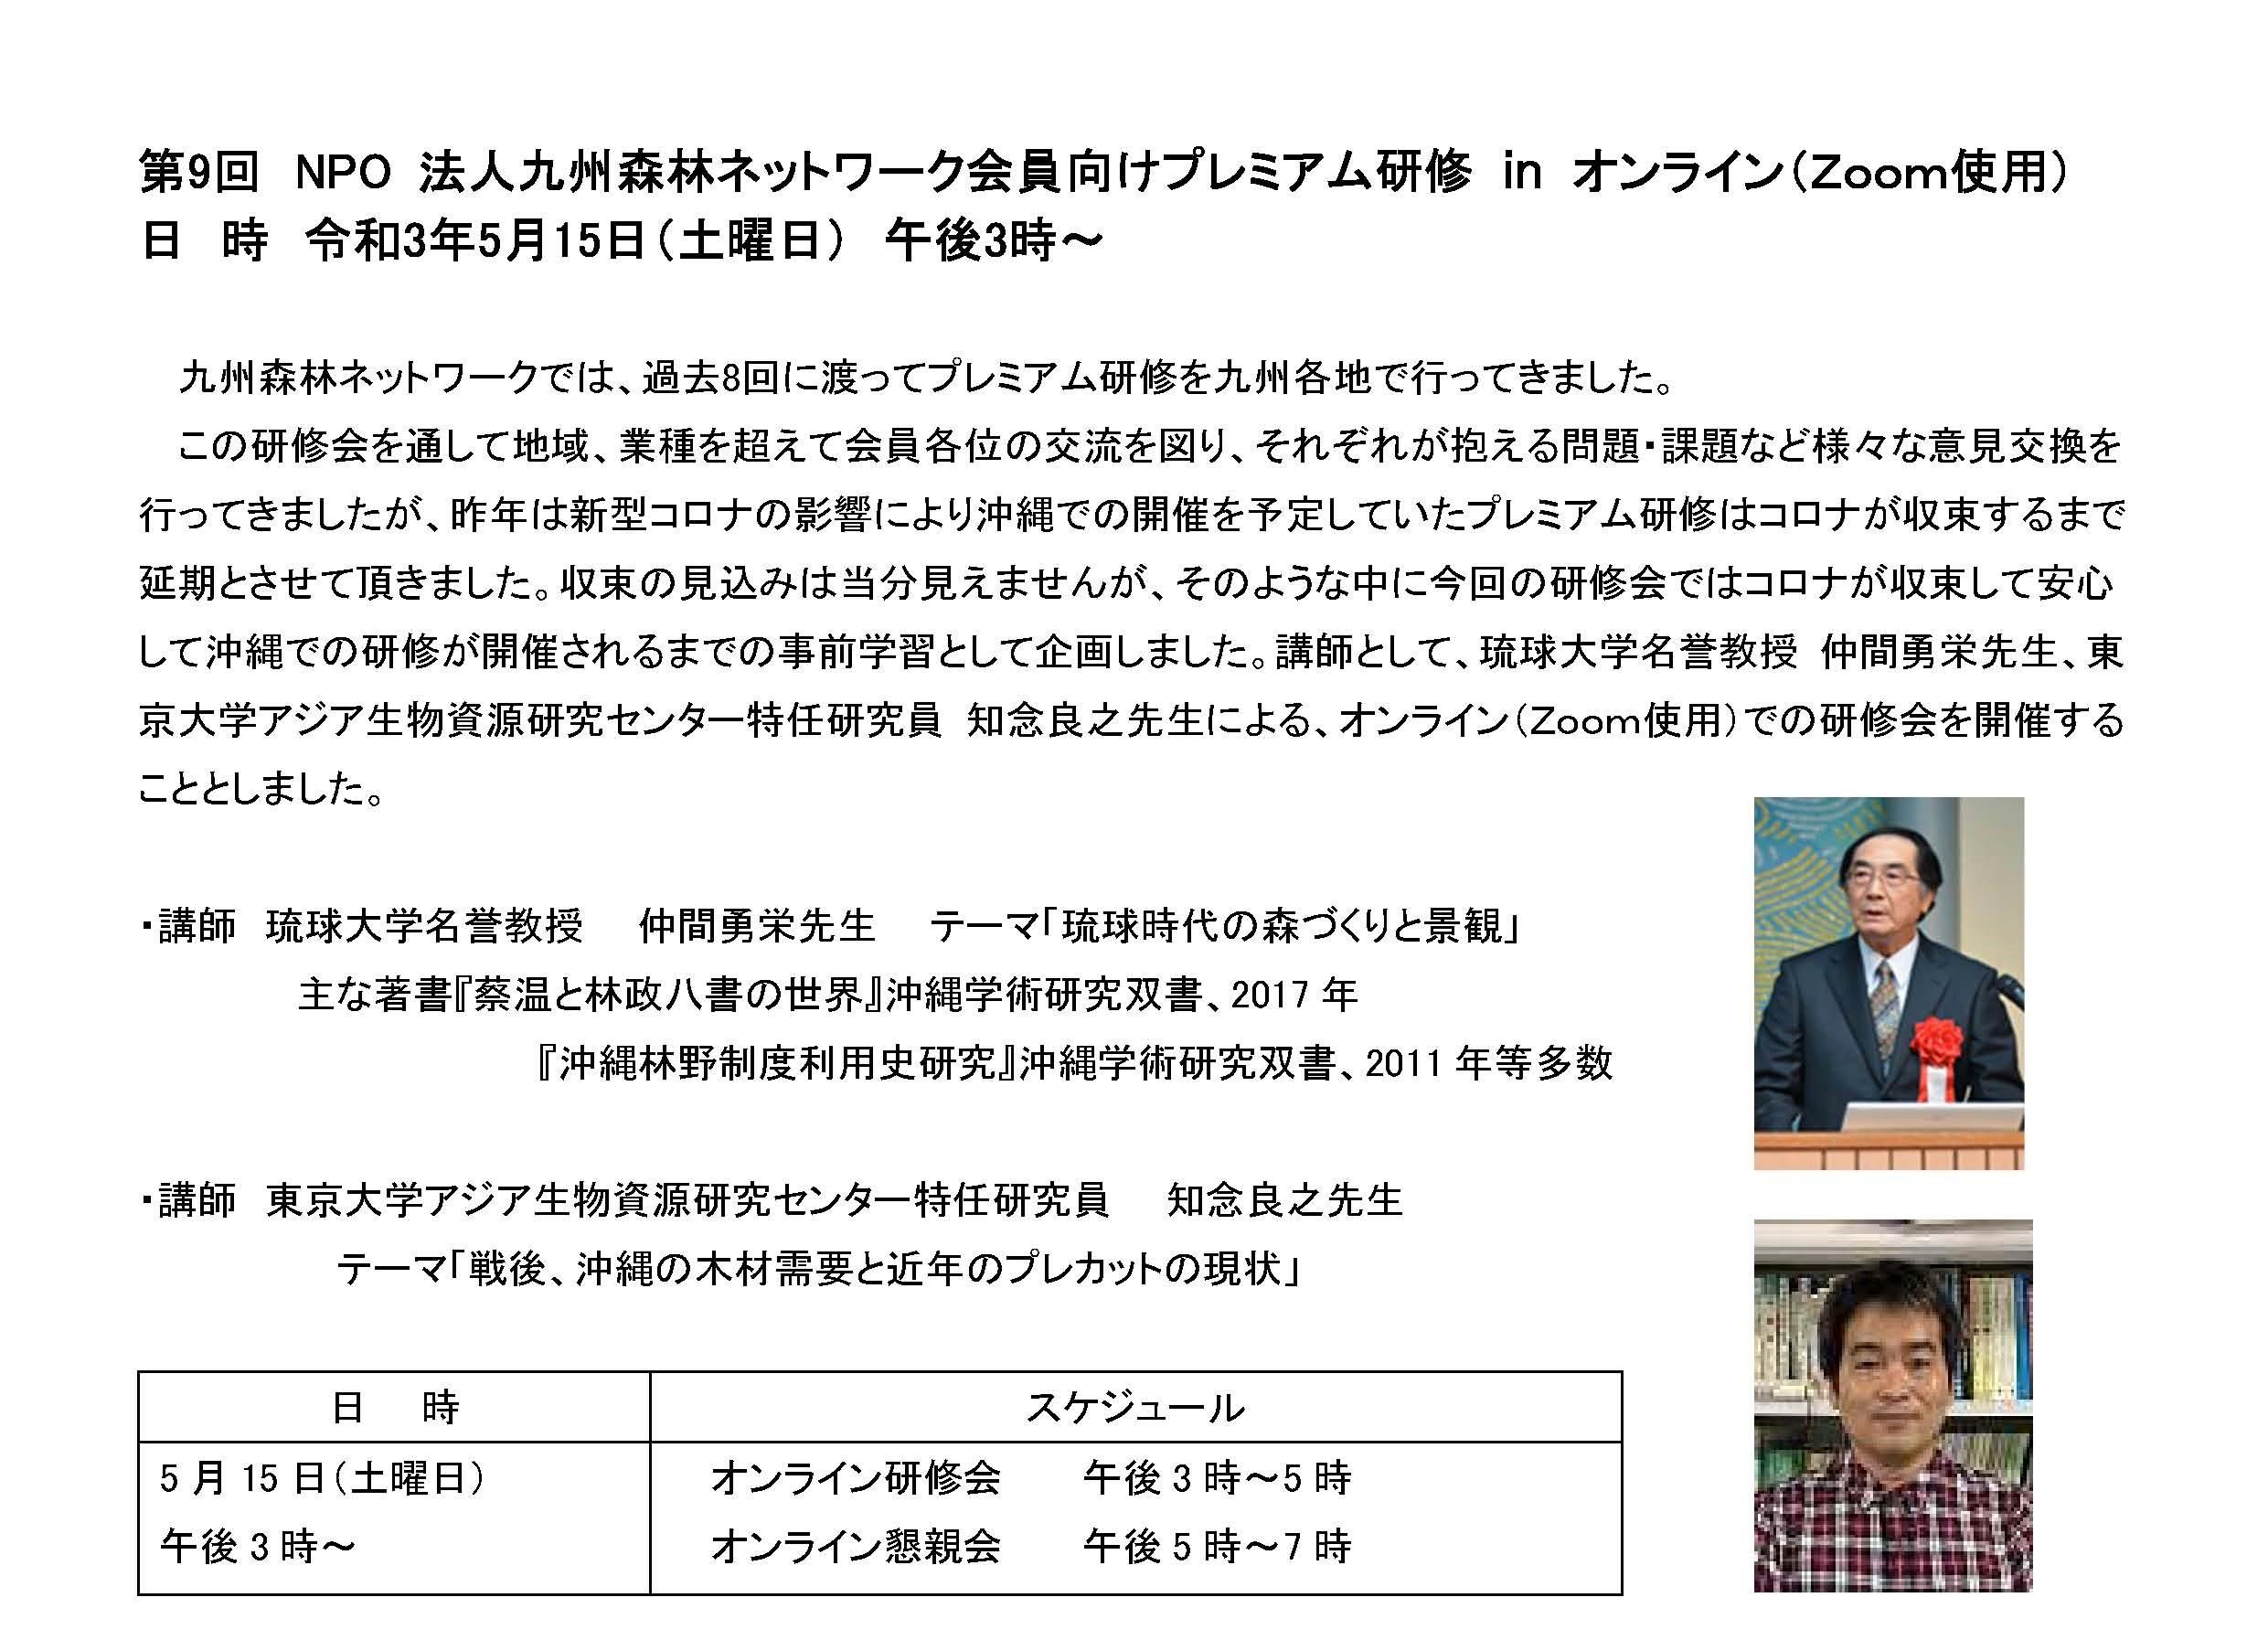 【イベント案内】5/15 第9回 NPO 法人九州森林ネットワーク会員向けプレミアム研修 ㏌ オンライン(Zoom使用) のご案内